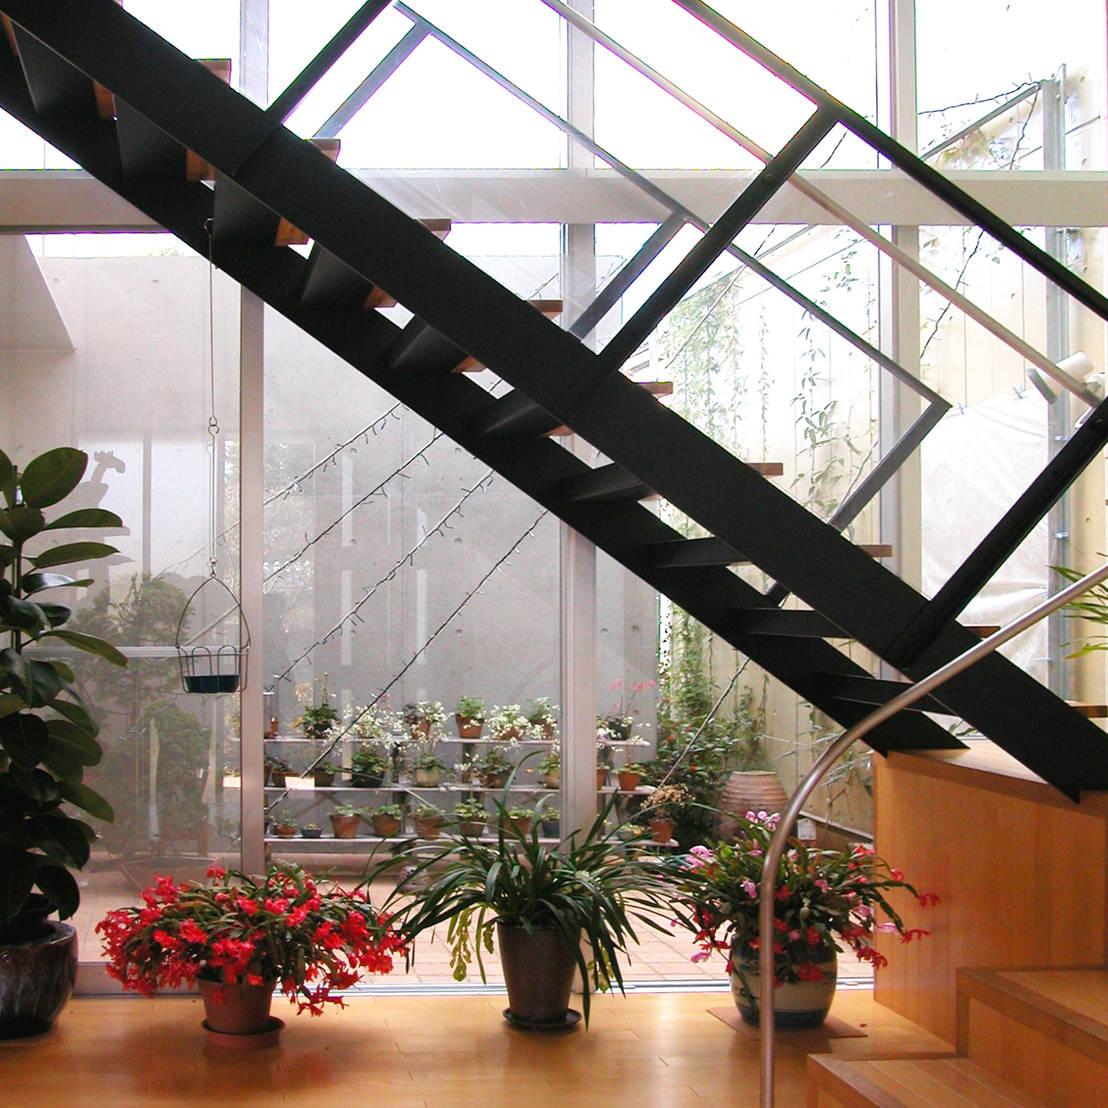 Jardines bajo la escalera 10 ideas extraordinarias for Jardines de pared para interiores